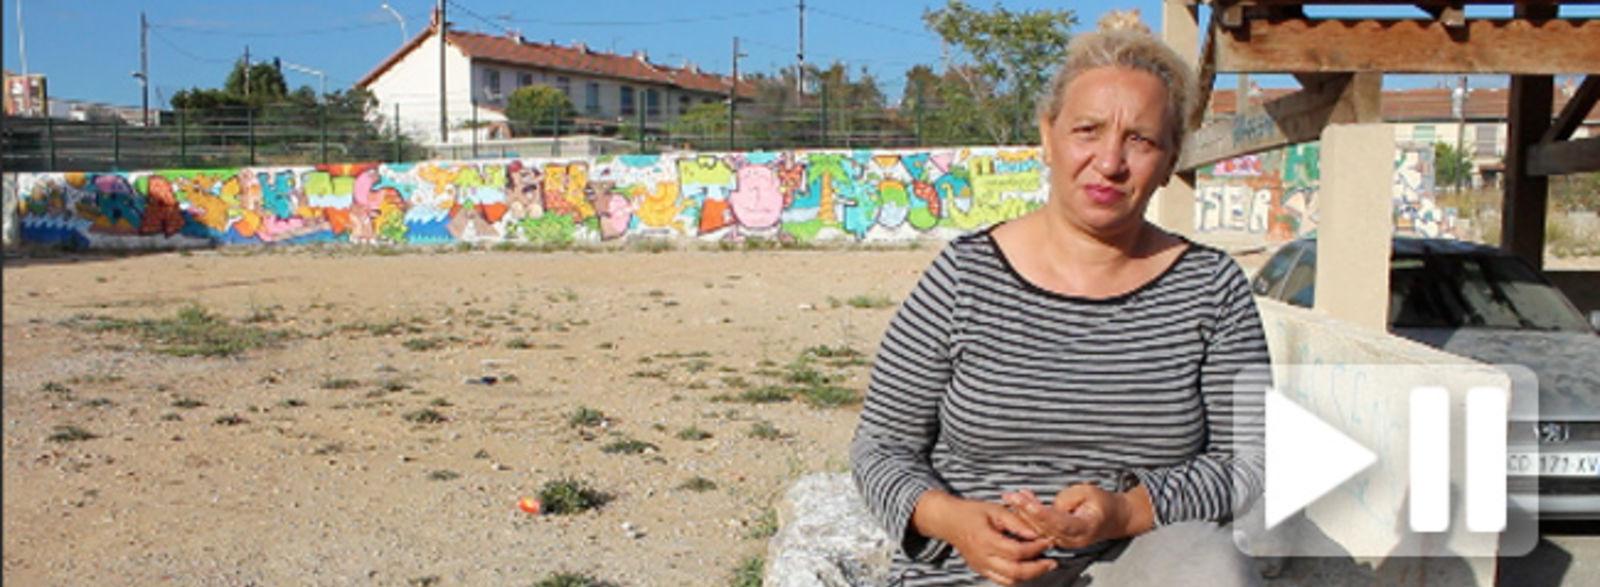 Shéhérazade, la fille de la cité Bassens revenue terminer son «œuvre»